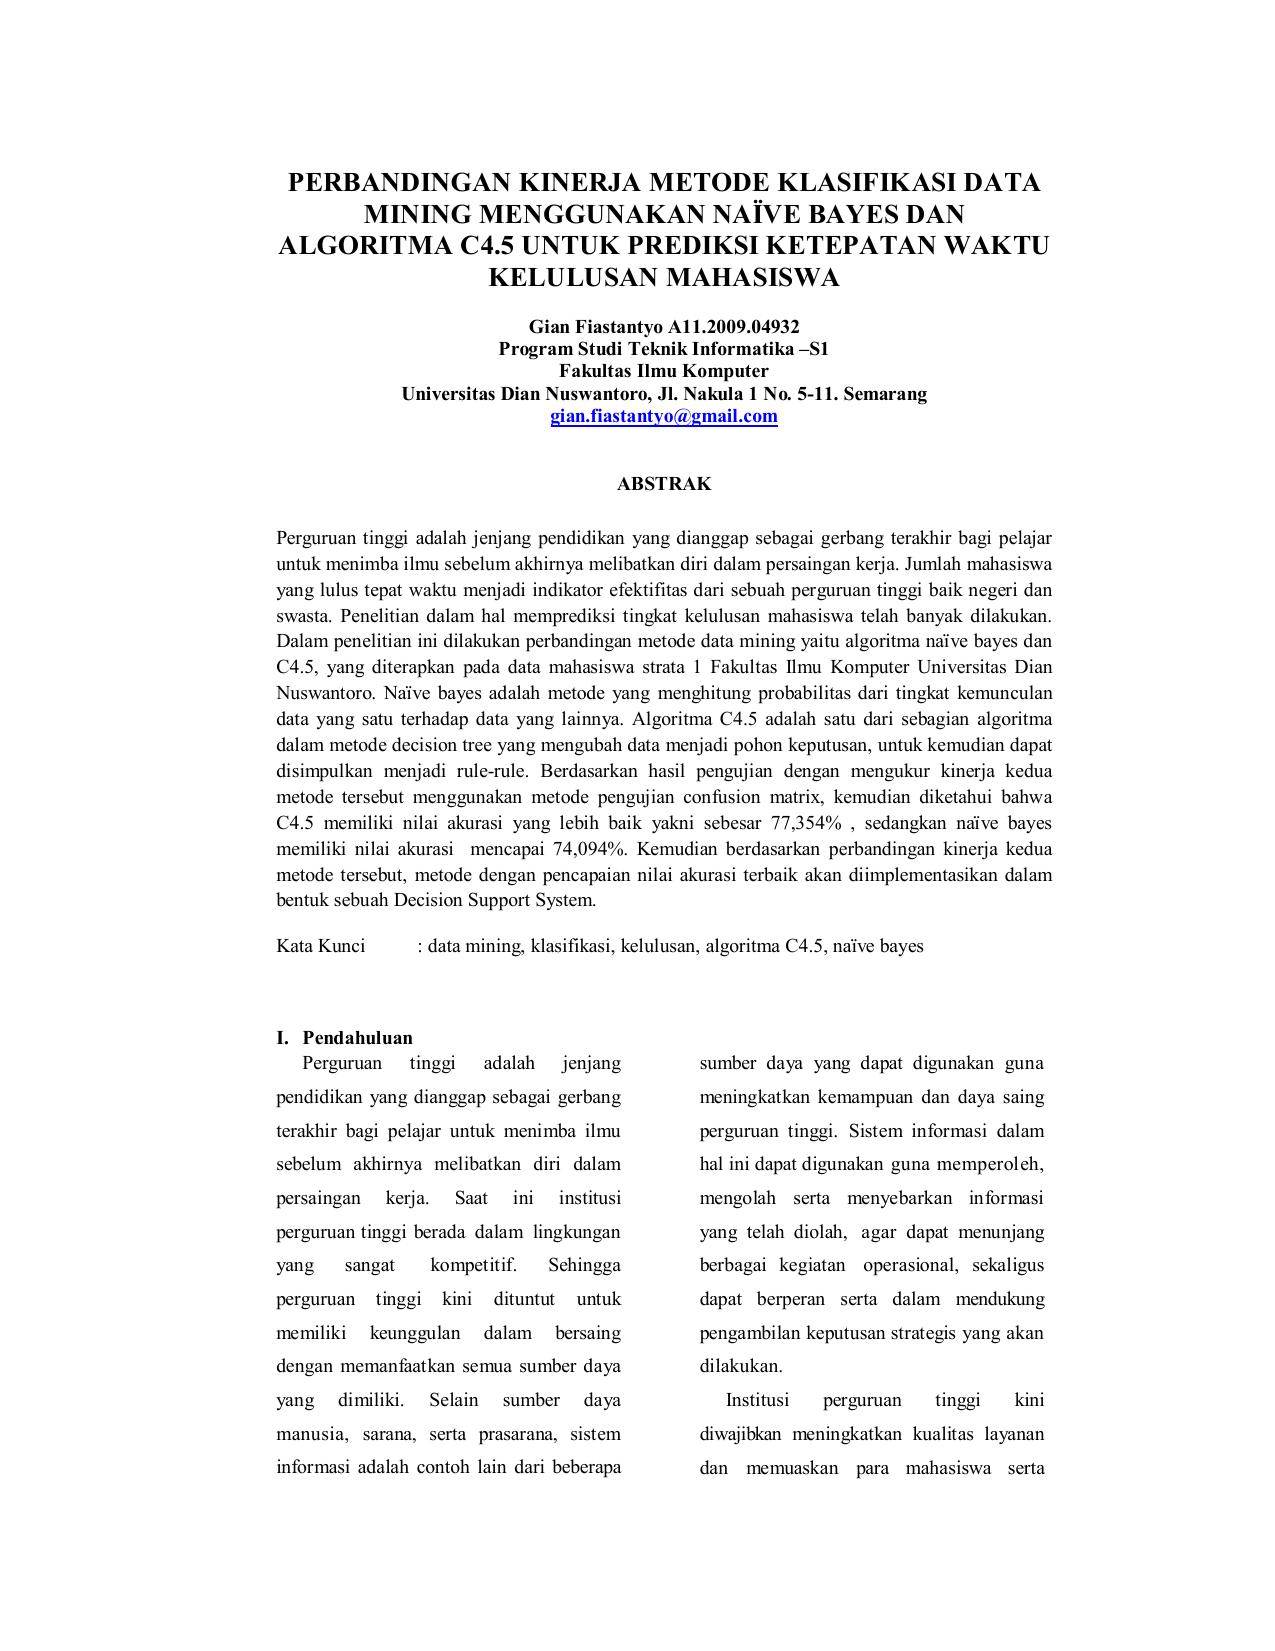 Perbandingan Kinerja Metode Klasifikasi Data Mining Menggunakan